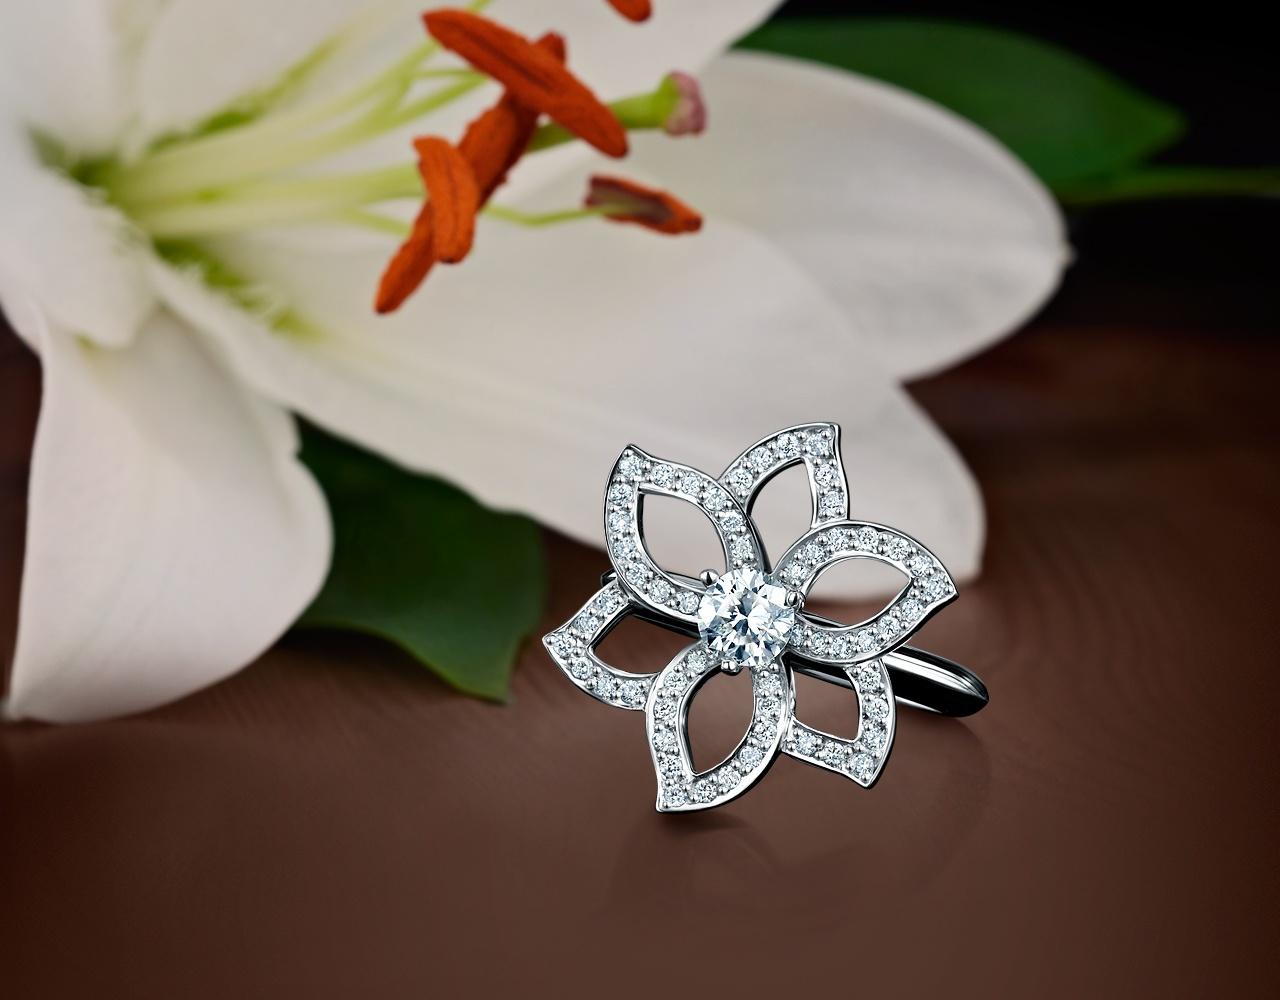 Selini jewelery design